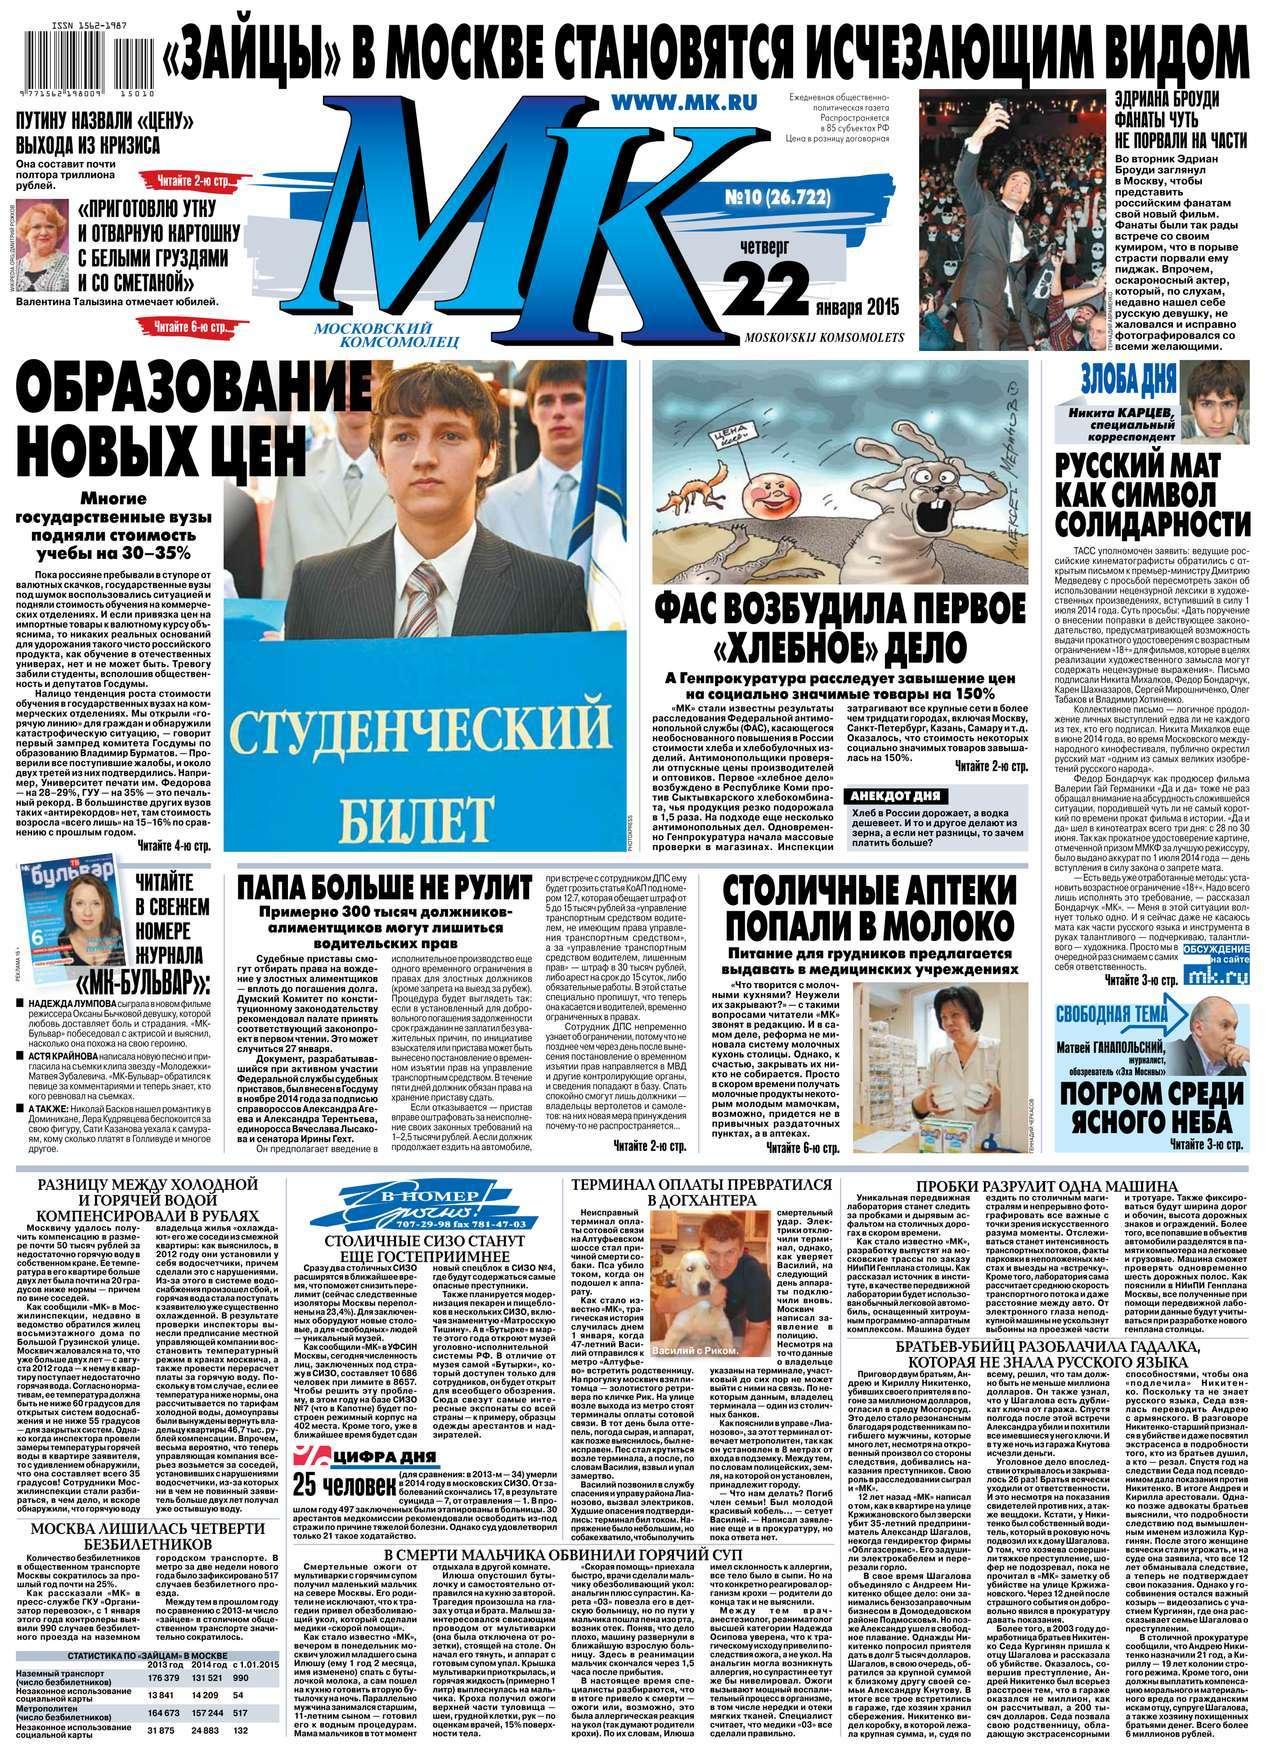 МК Московский комсомолец 10-2015